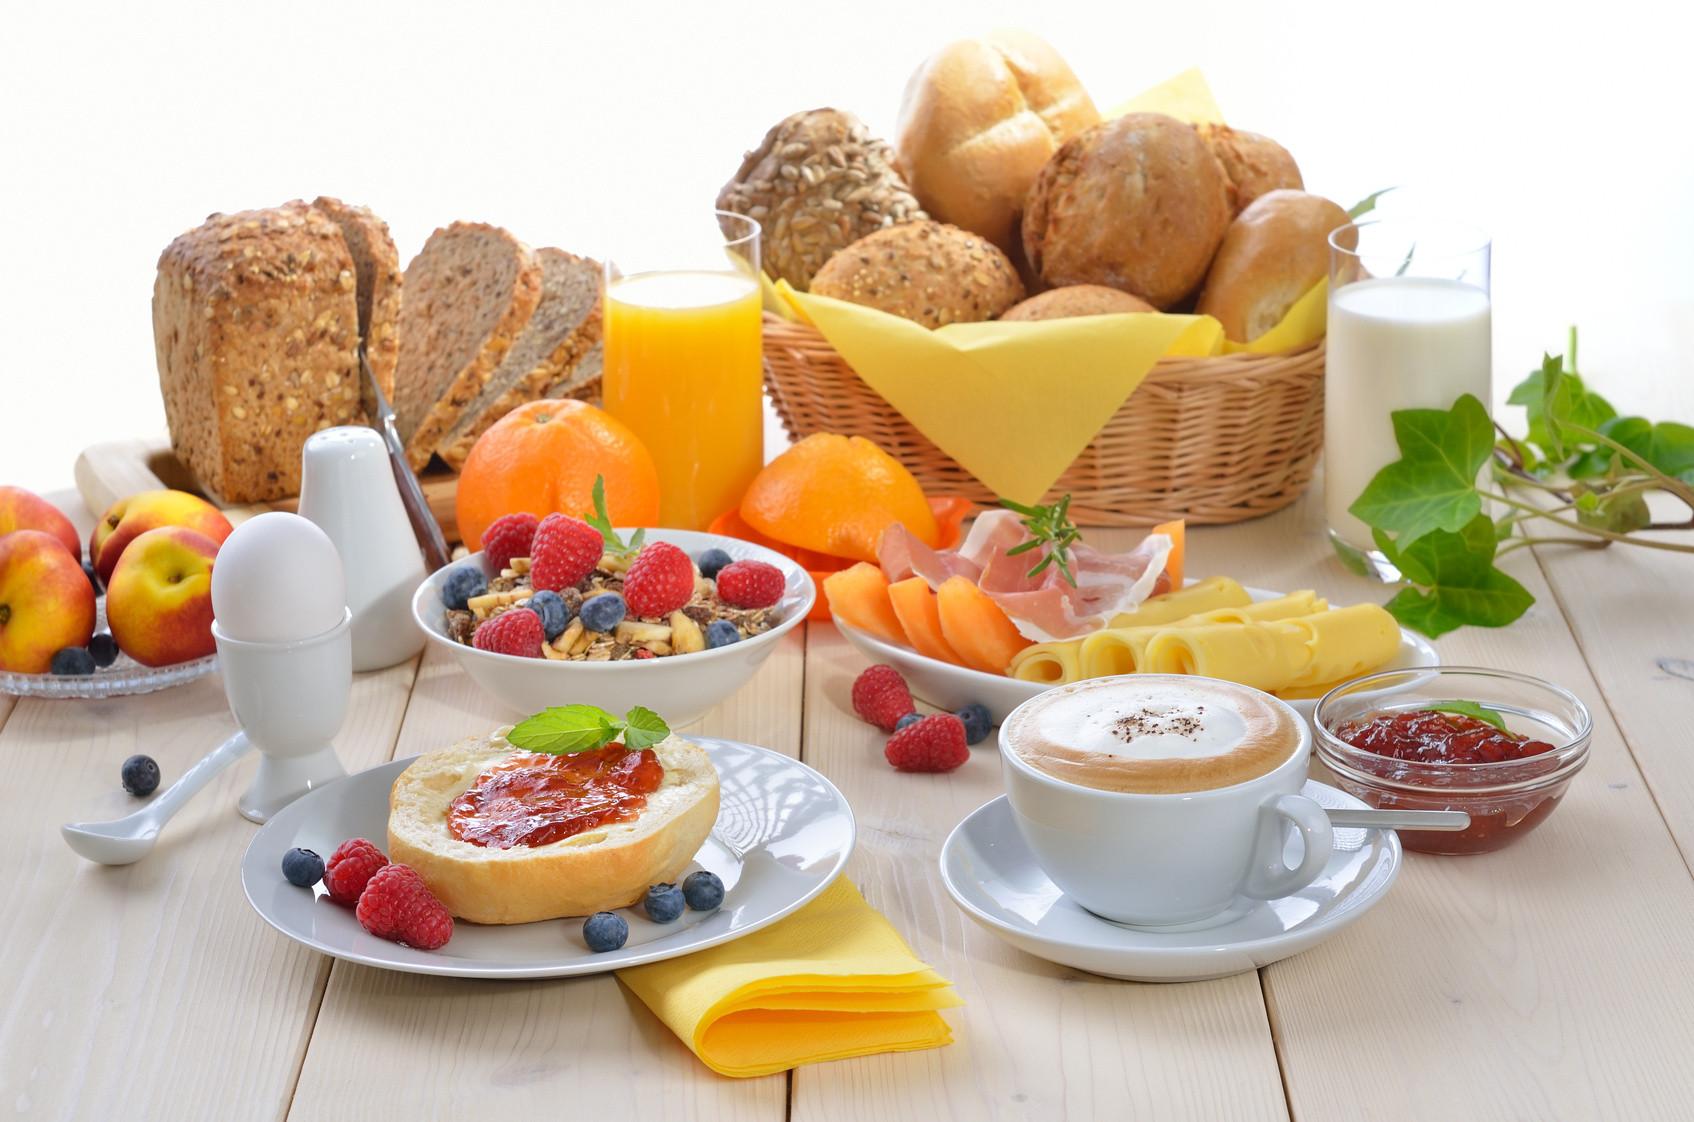 Healthy Breakfast Food  Top 20 Healthy Breakfast Ideas For Winter eBlogfa